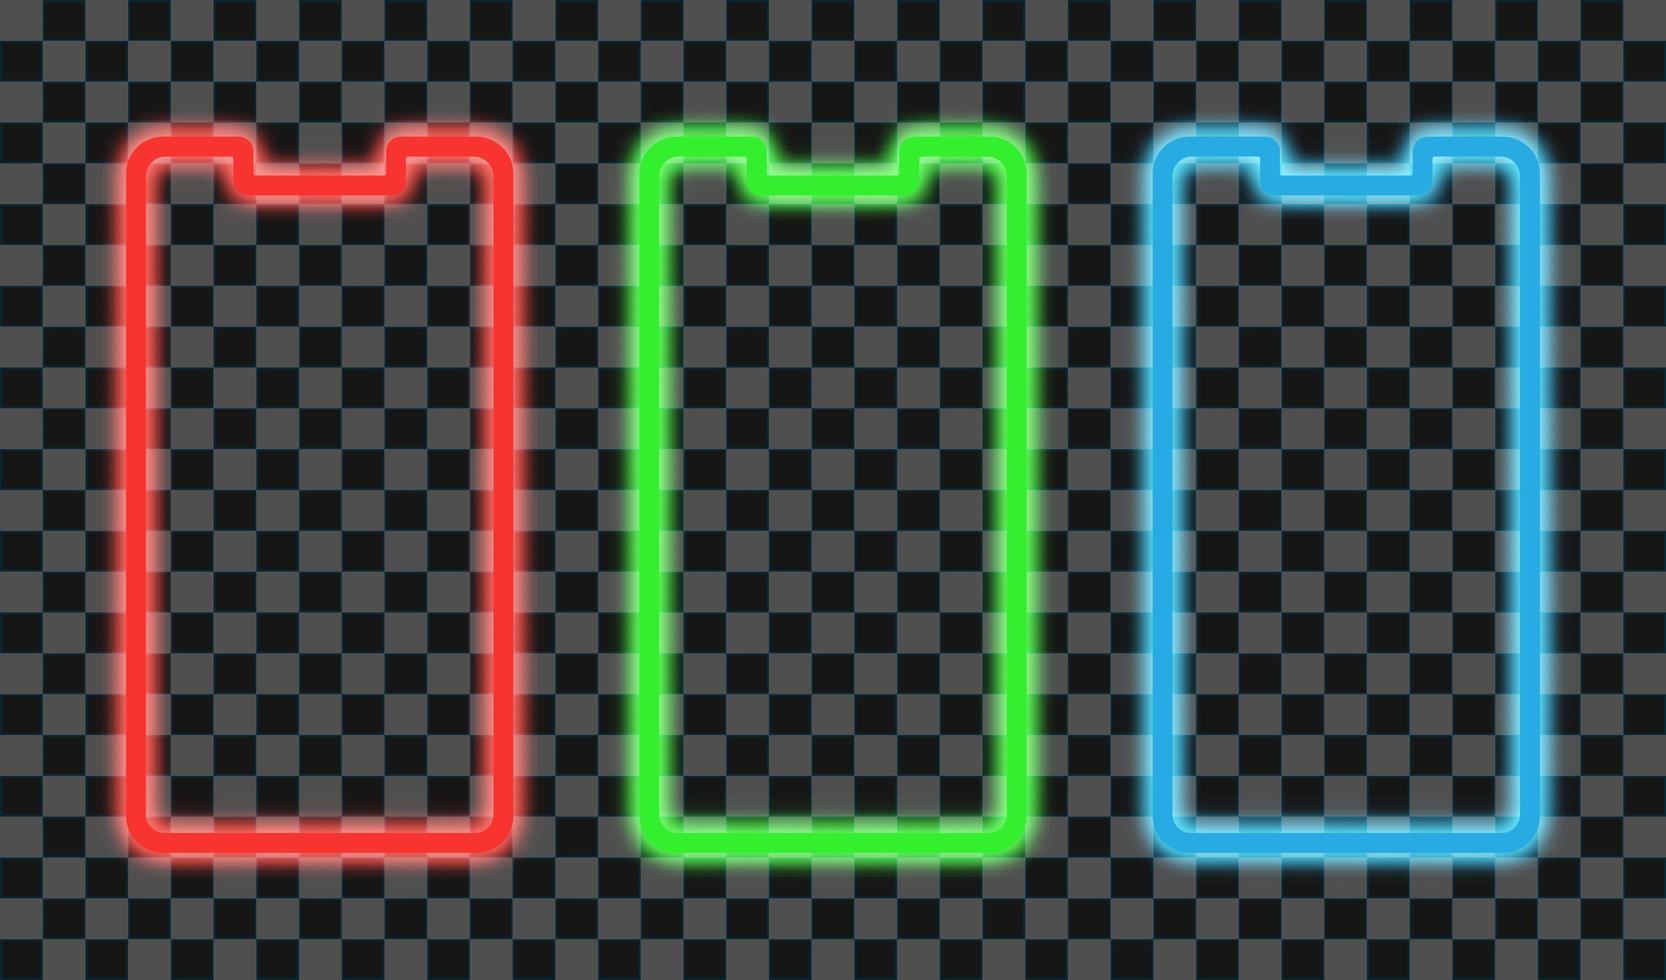 marco de teléfono inteligente diseño de línea de neón rojo, verde y azul vector